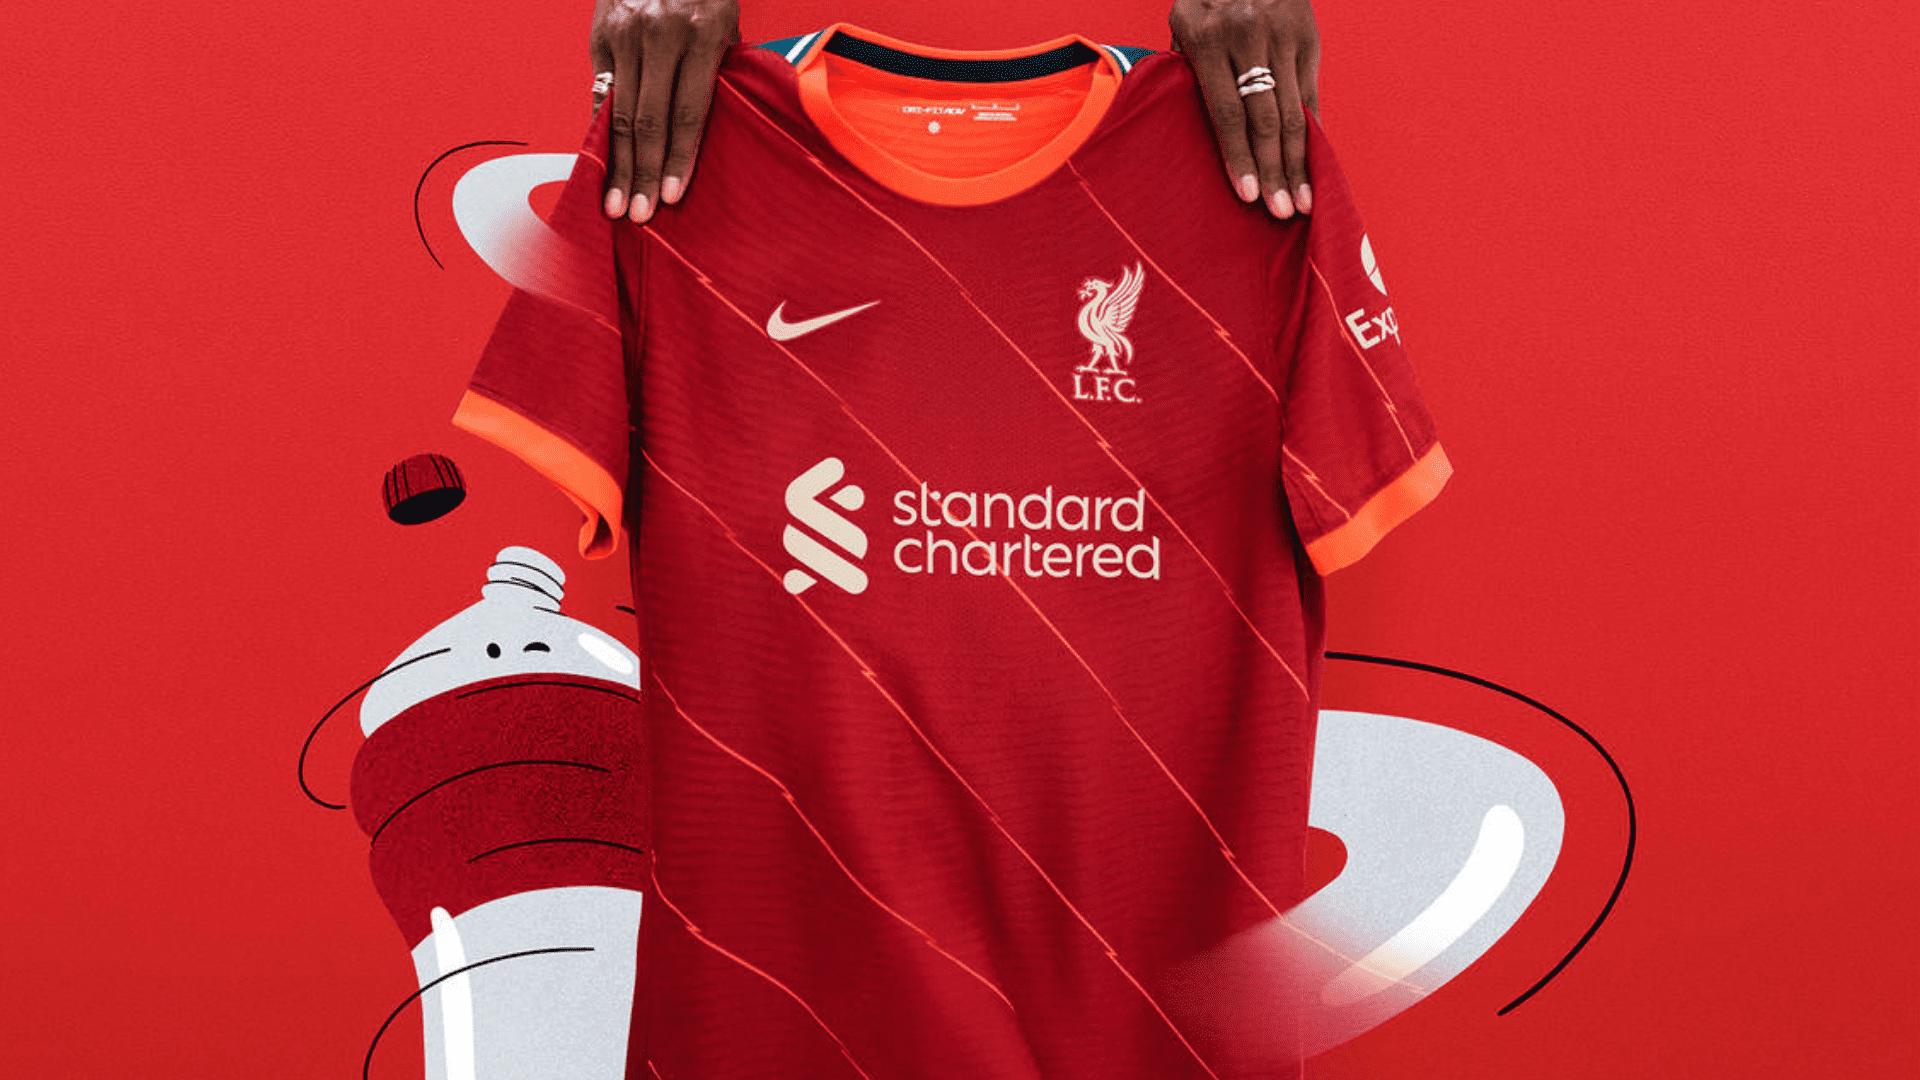 Conheça os modelos de camisa do Liverpool para comprar em 2021! (Imagem: Divulgação/Nike)